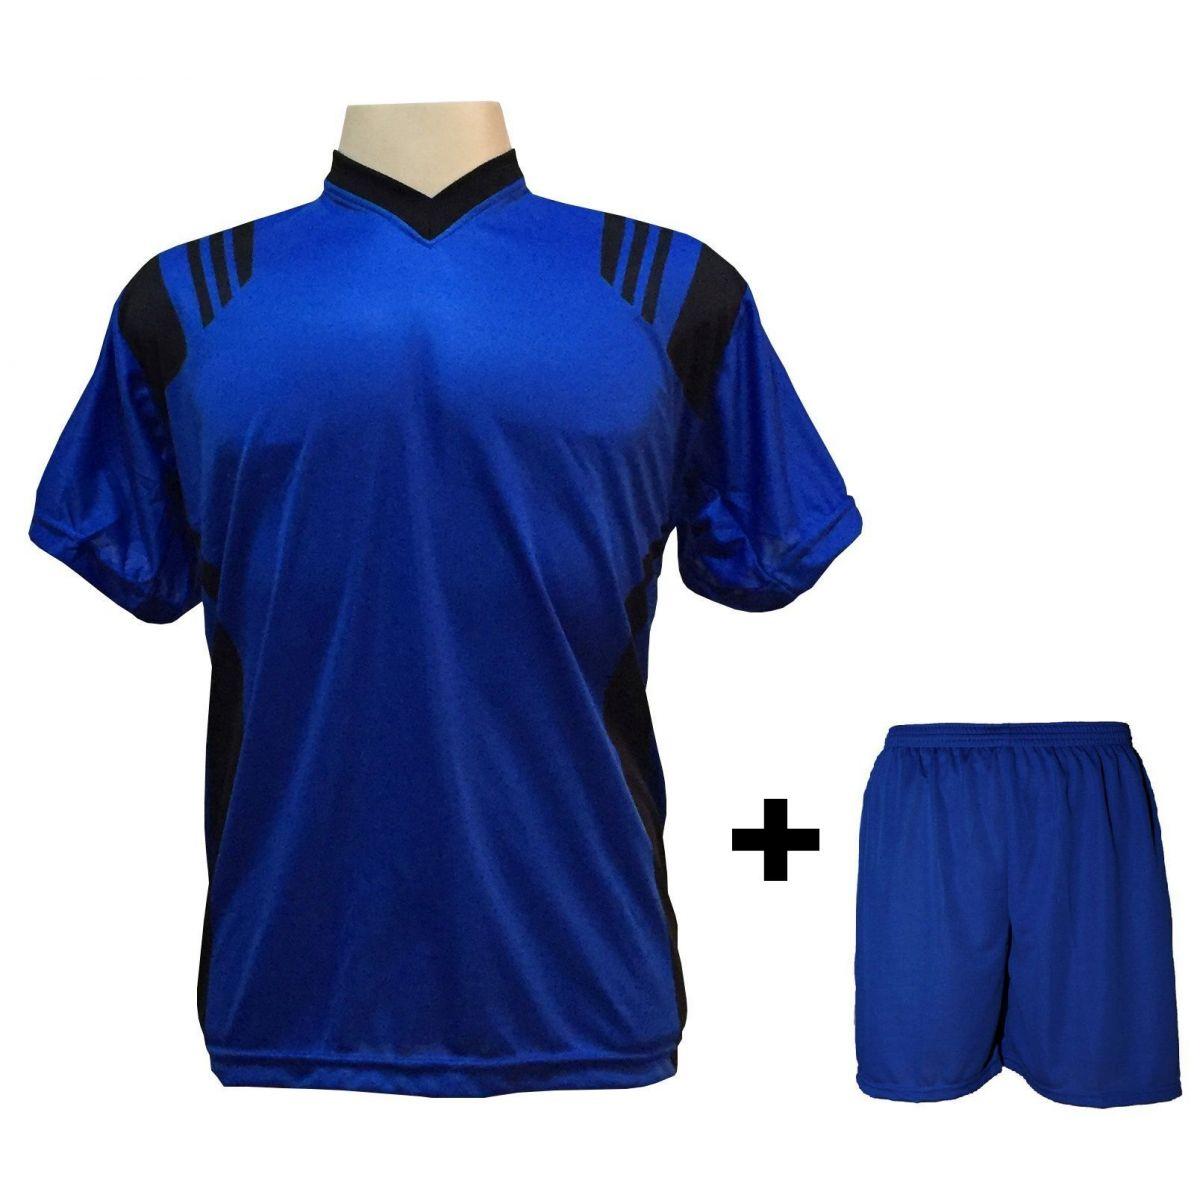 f9c86fff6d68a Uniforme Esportivo com 18 camisas modelo Roma Royal Preto + 18 calções  modelo Madrid Royal ...